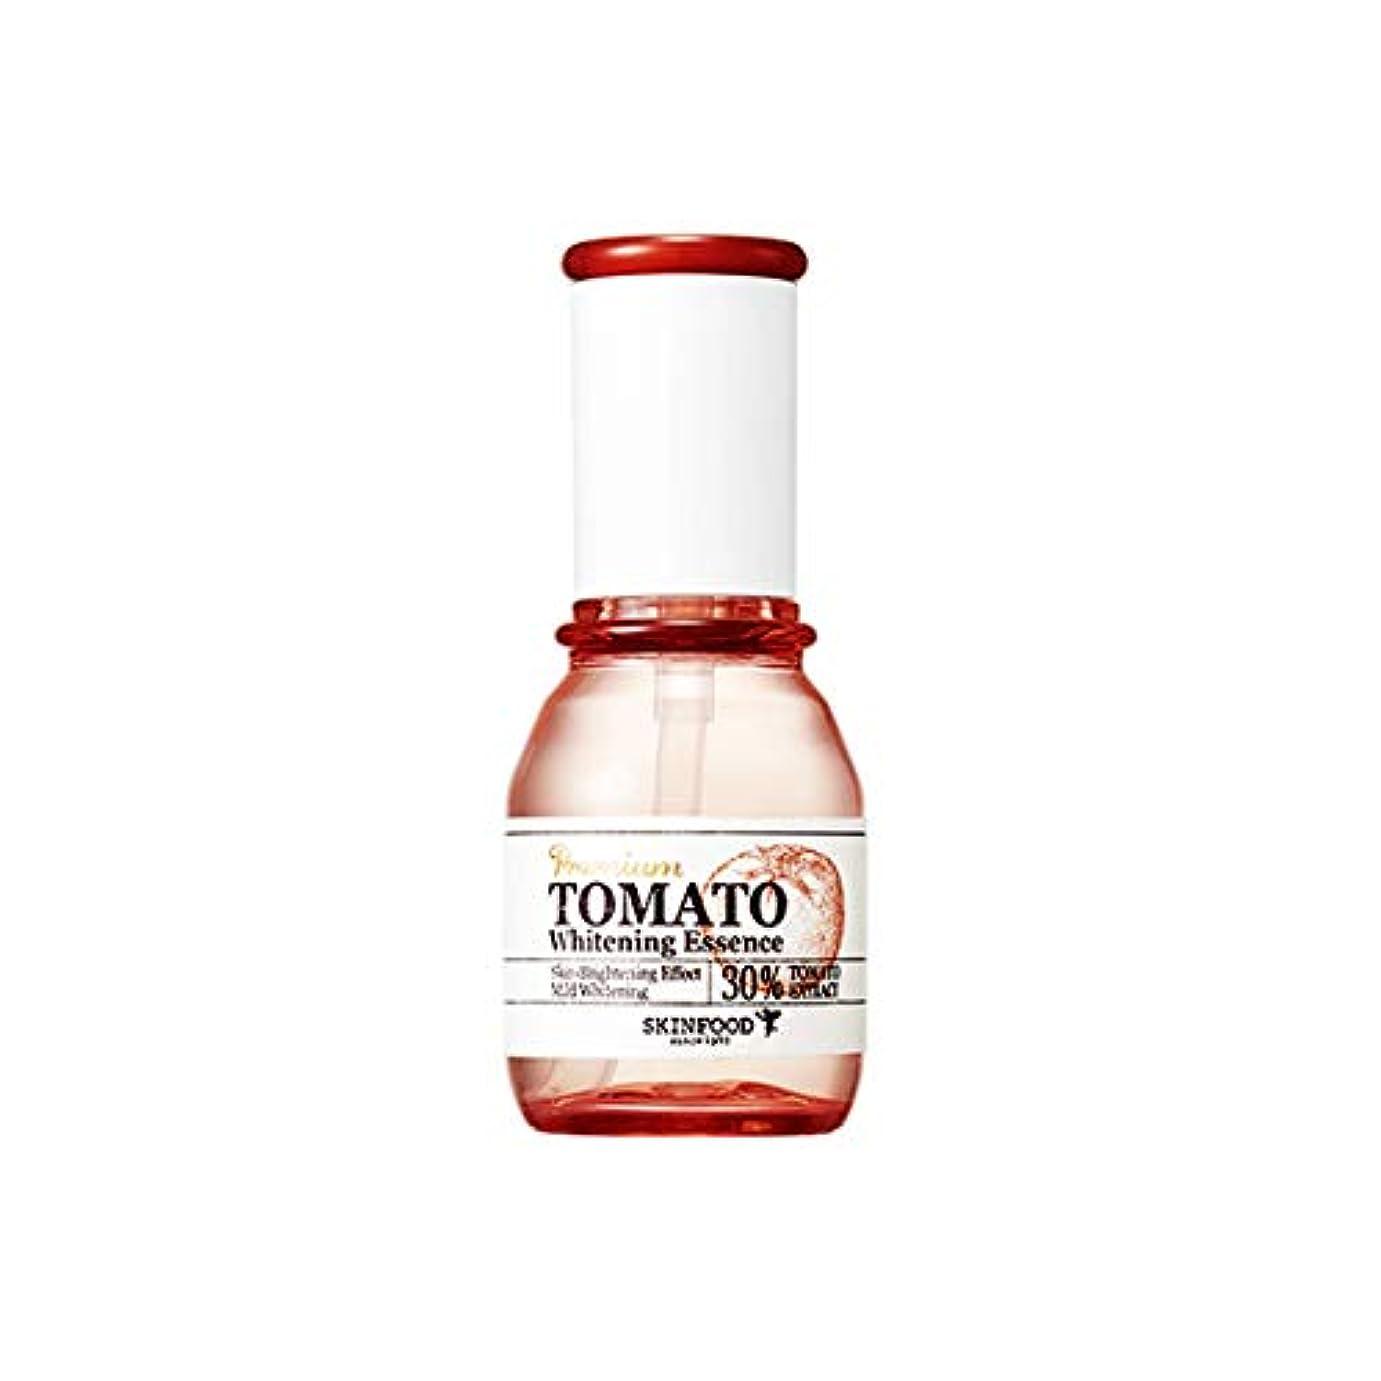 該当する夢中狂ったSkinfood プレミアムトマトホワイトニングエッセンス(美白効果) / Premium Tomato Whitening Essence (Skin-Brightening Effect)50ml [並行輸入品]